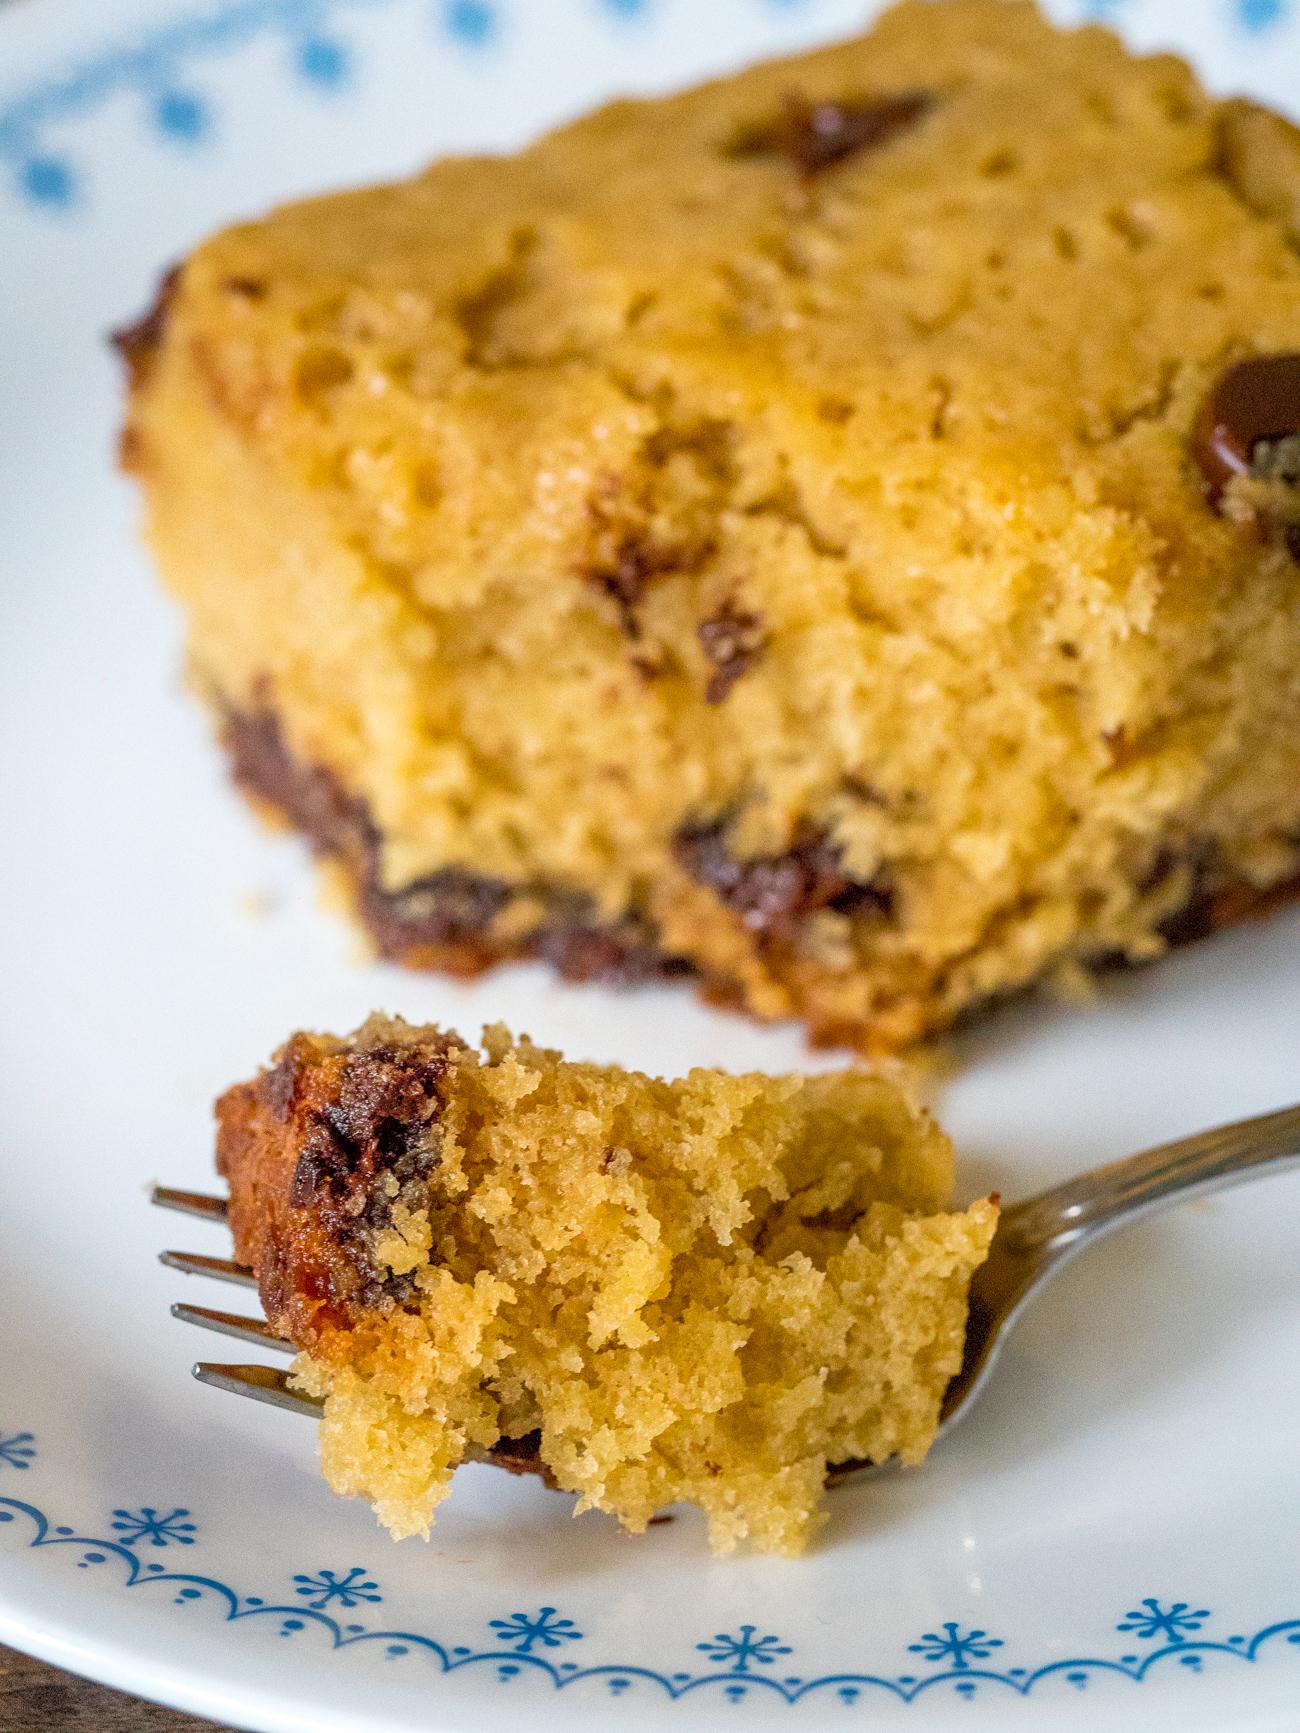 XXL Slow Cooker Cookie Vertical 5